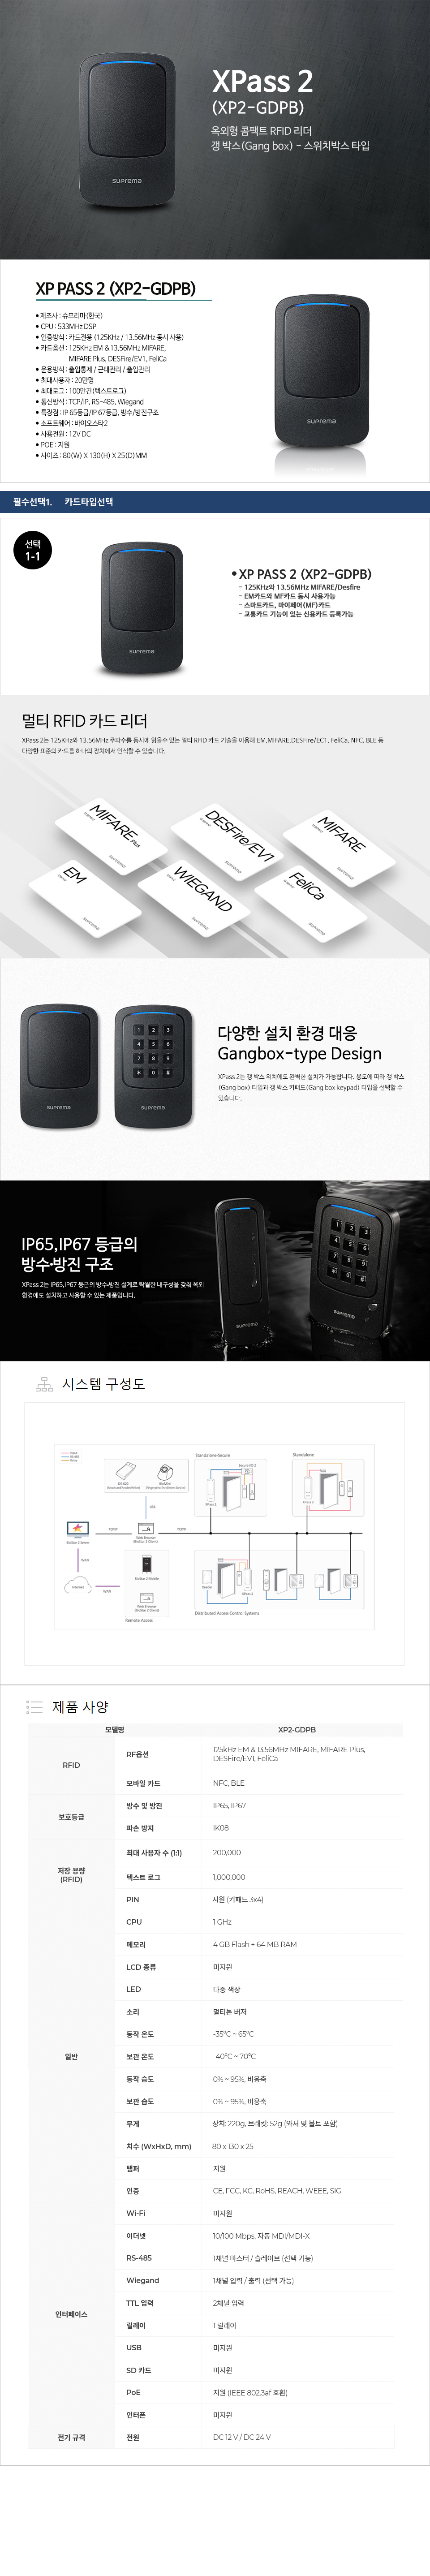 XP2-GDPB_intro_idgd.jpg